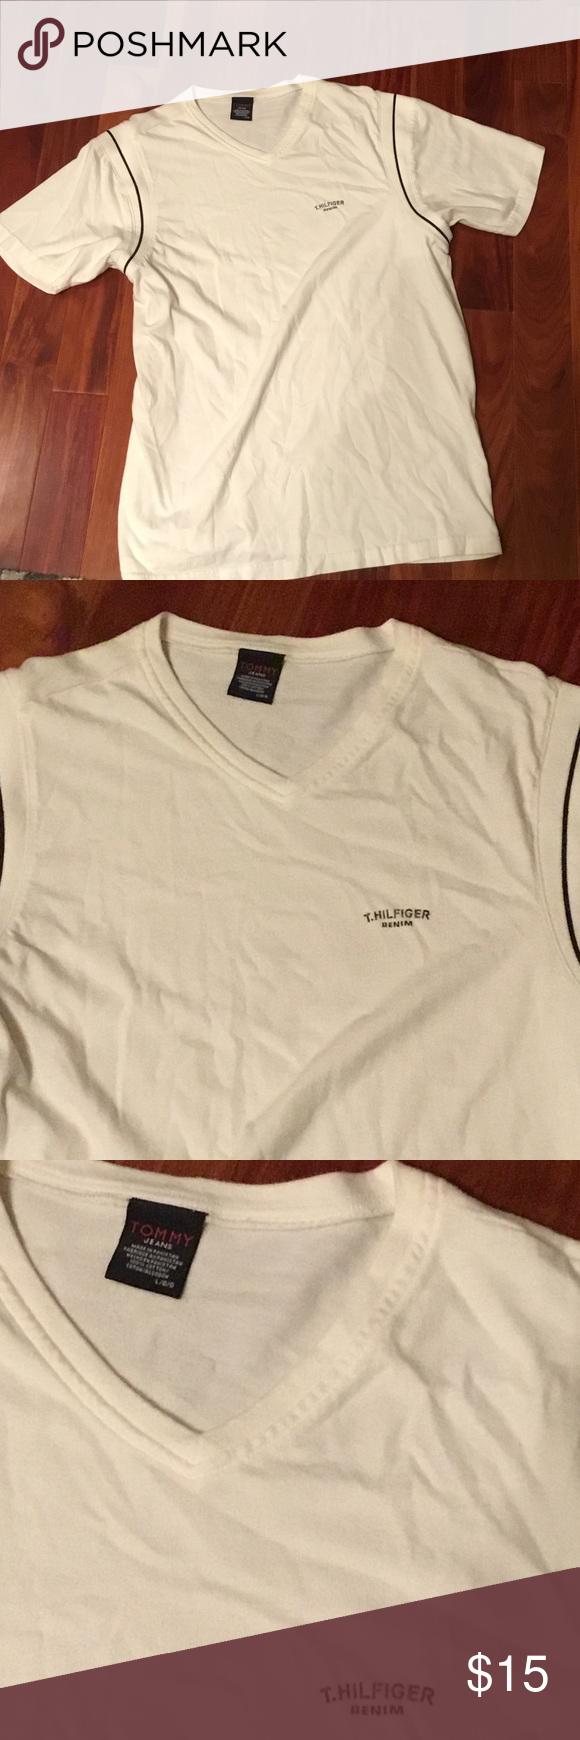 New Tommy Hilfiger white v-neck top - L White Hilfiger denim branded top for men's - sz Large - new unworn Tommy Hilfiger Shirts Tees - Short Sleeve